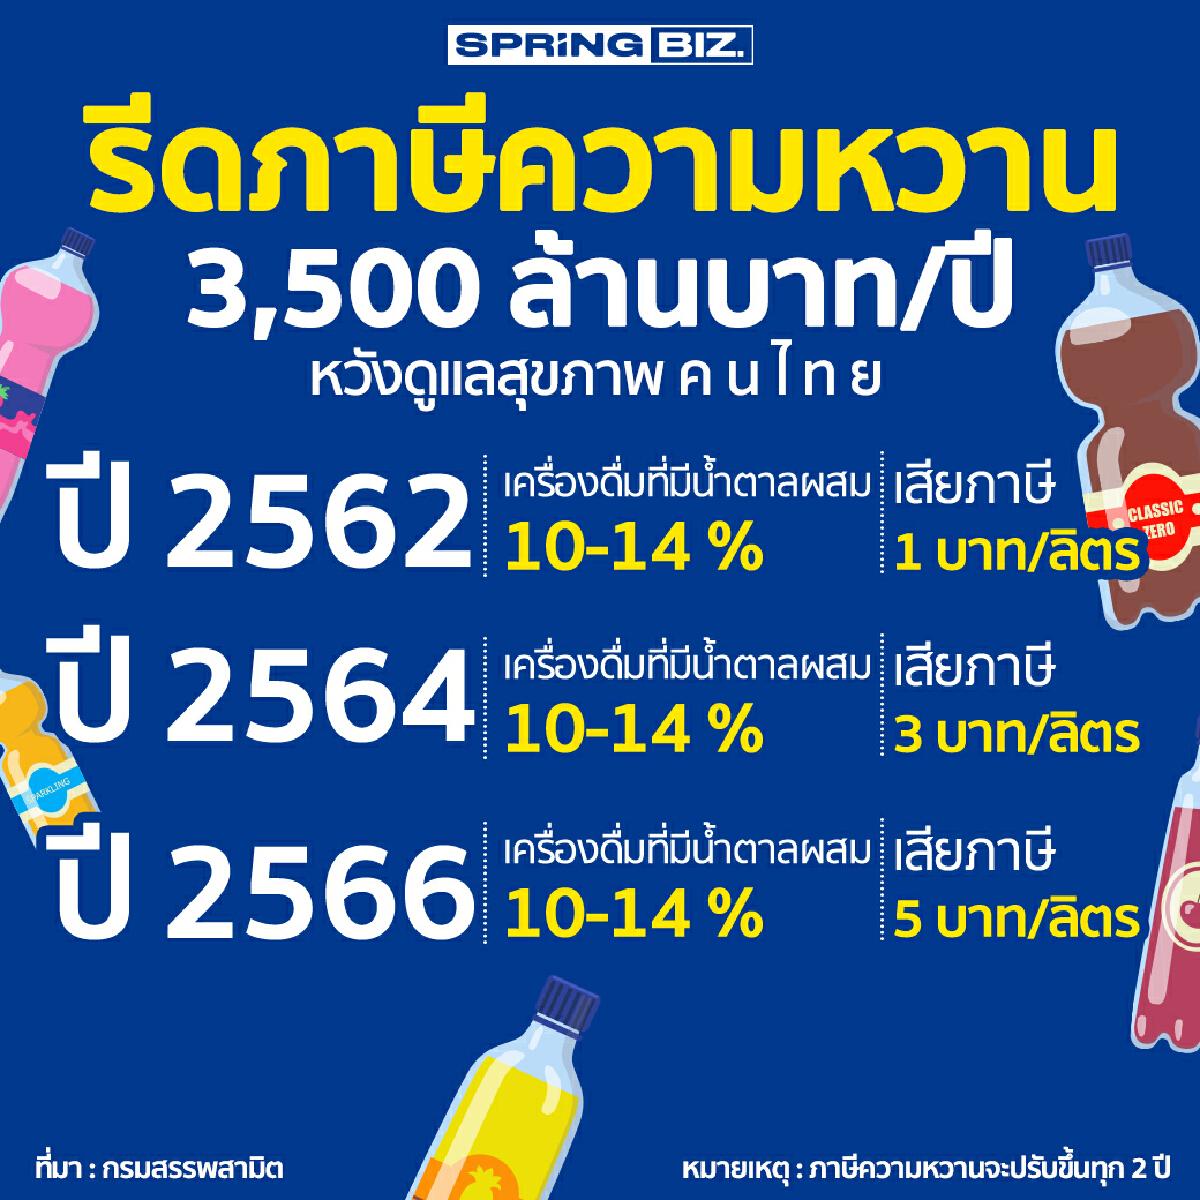 รีดภาษีความหวาน 3,500 ล้านบาท/ปี หวังดูแลสุขภาพคนไทย กินหวานลดลง